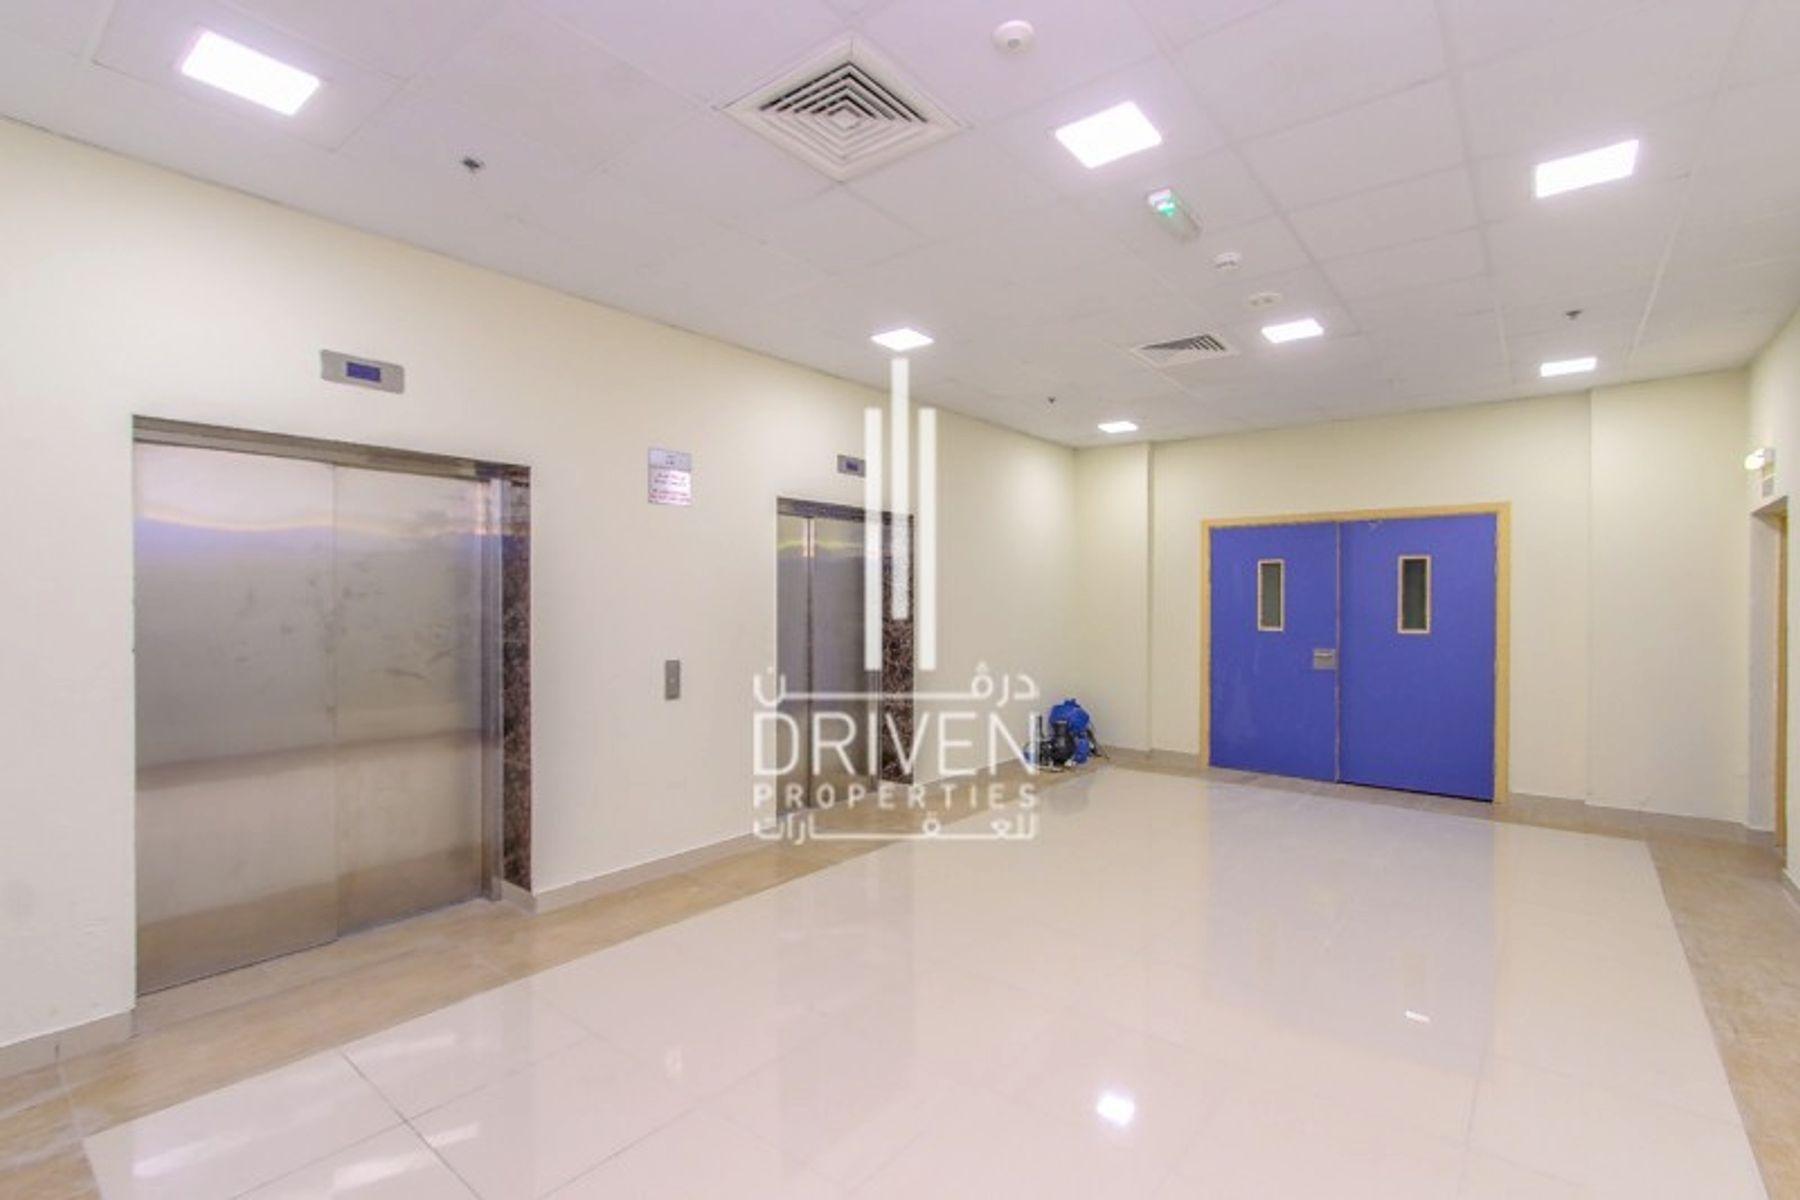 للبيع - مبنى تجاري كامل -  - مدينة دبي الرياضية